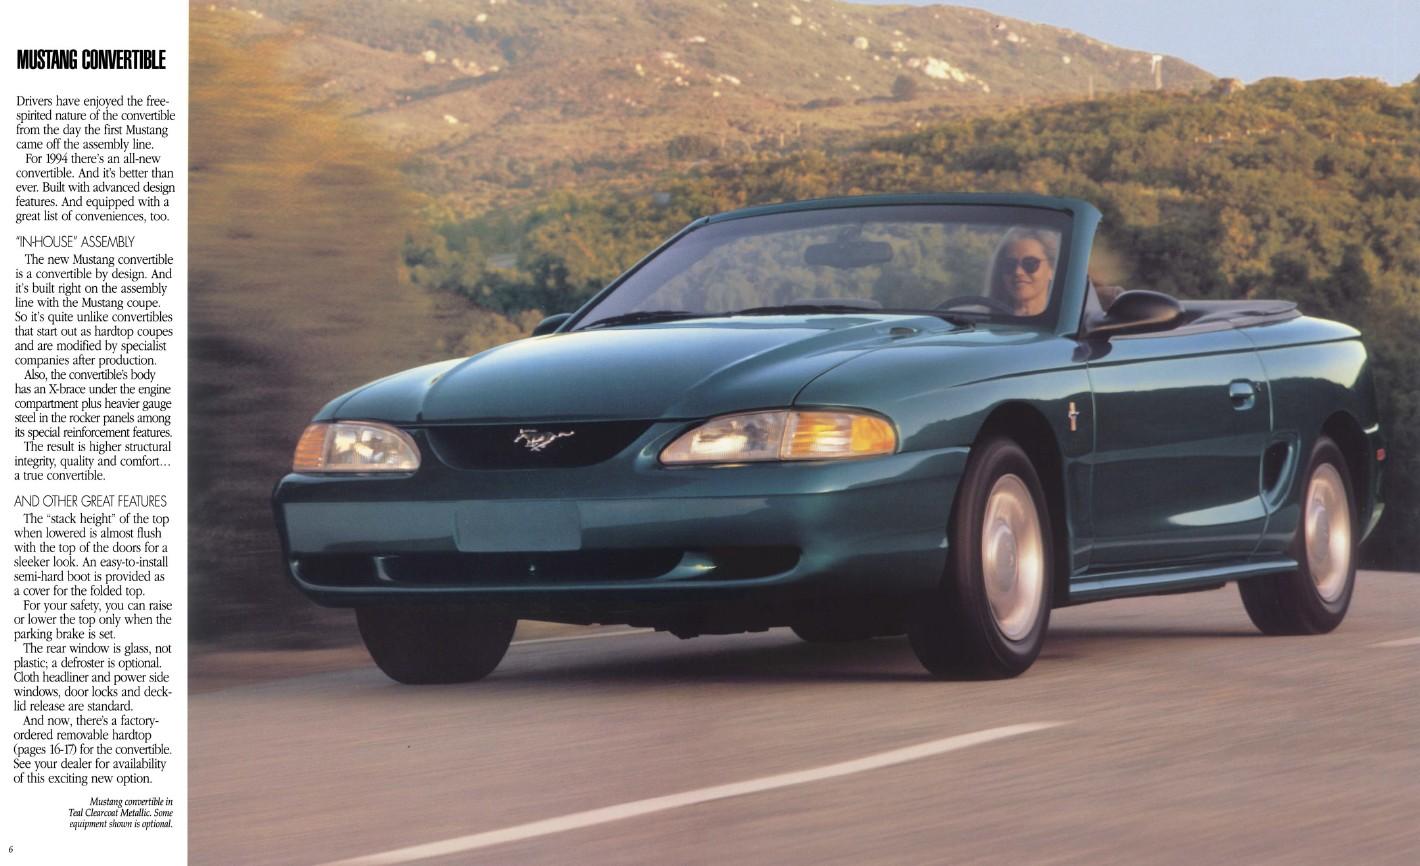 1994-ford-mustang-brochure-05.jpg